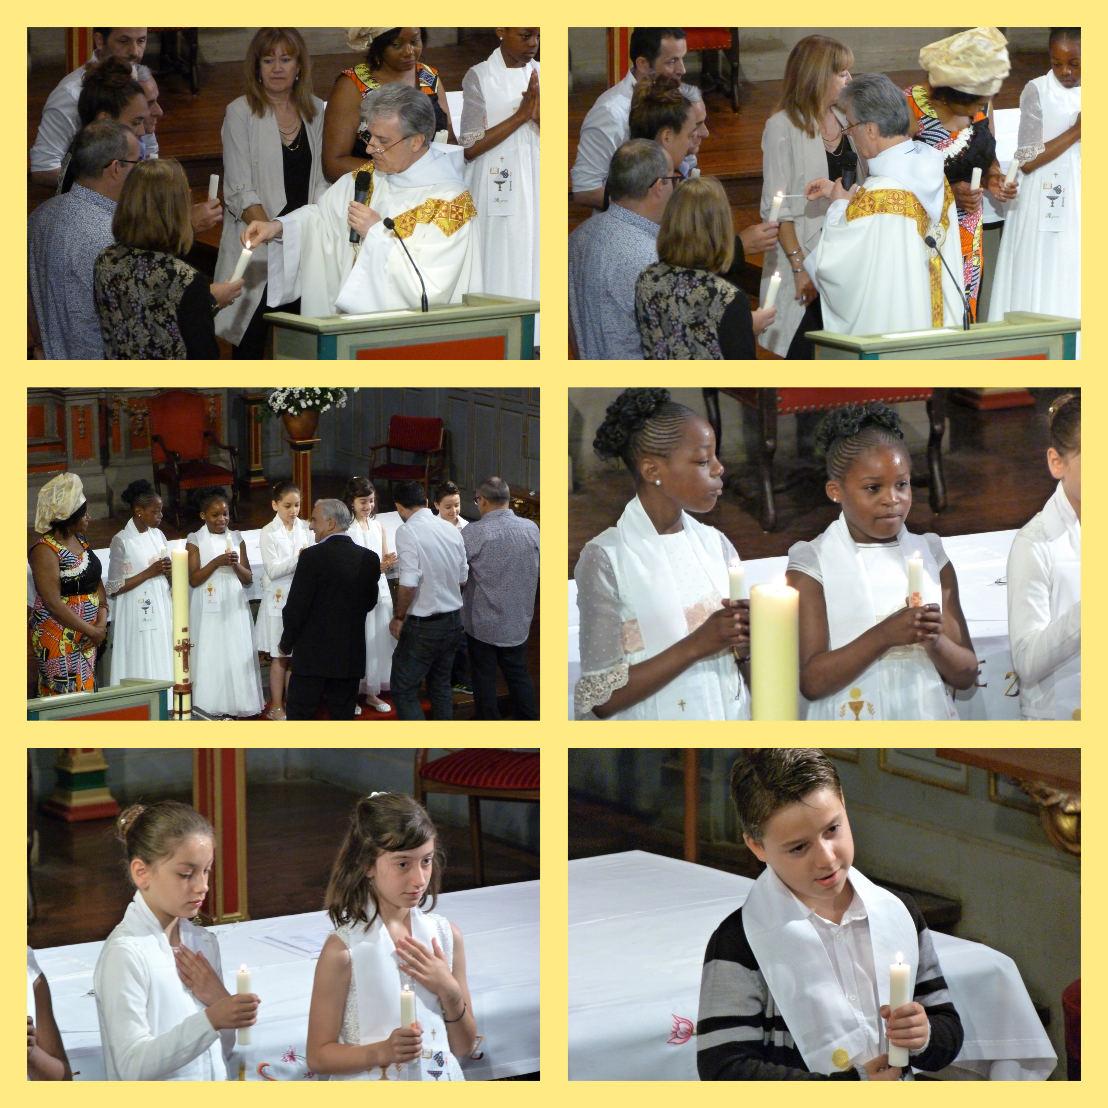 Le prêtre allume, depuis le cierge pascal, les cierges que les parrains vont remettre à leur filleul(e)